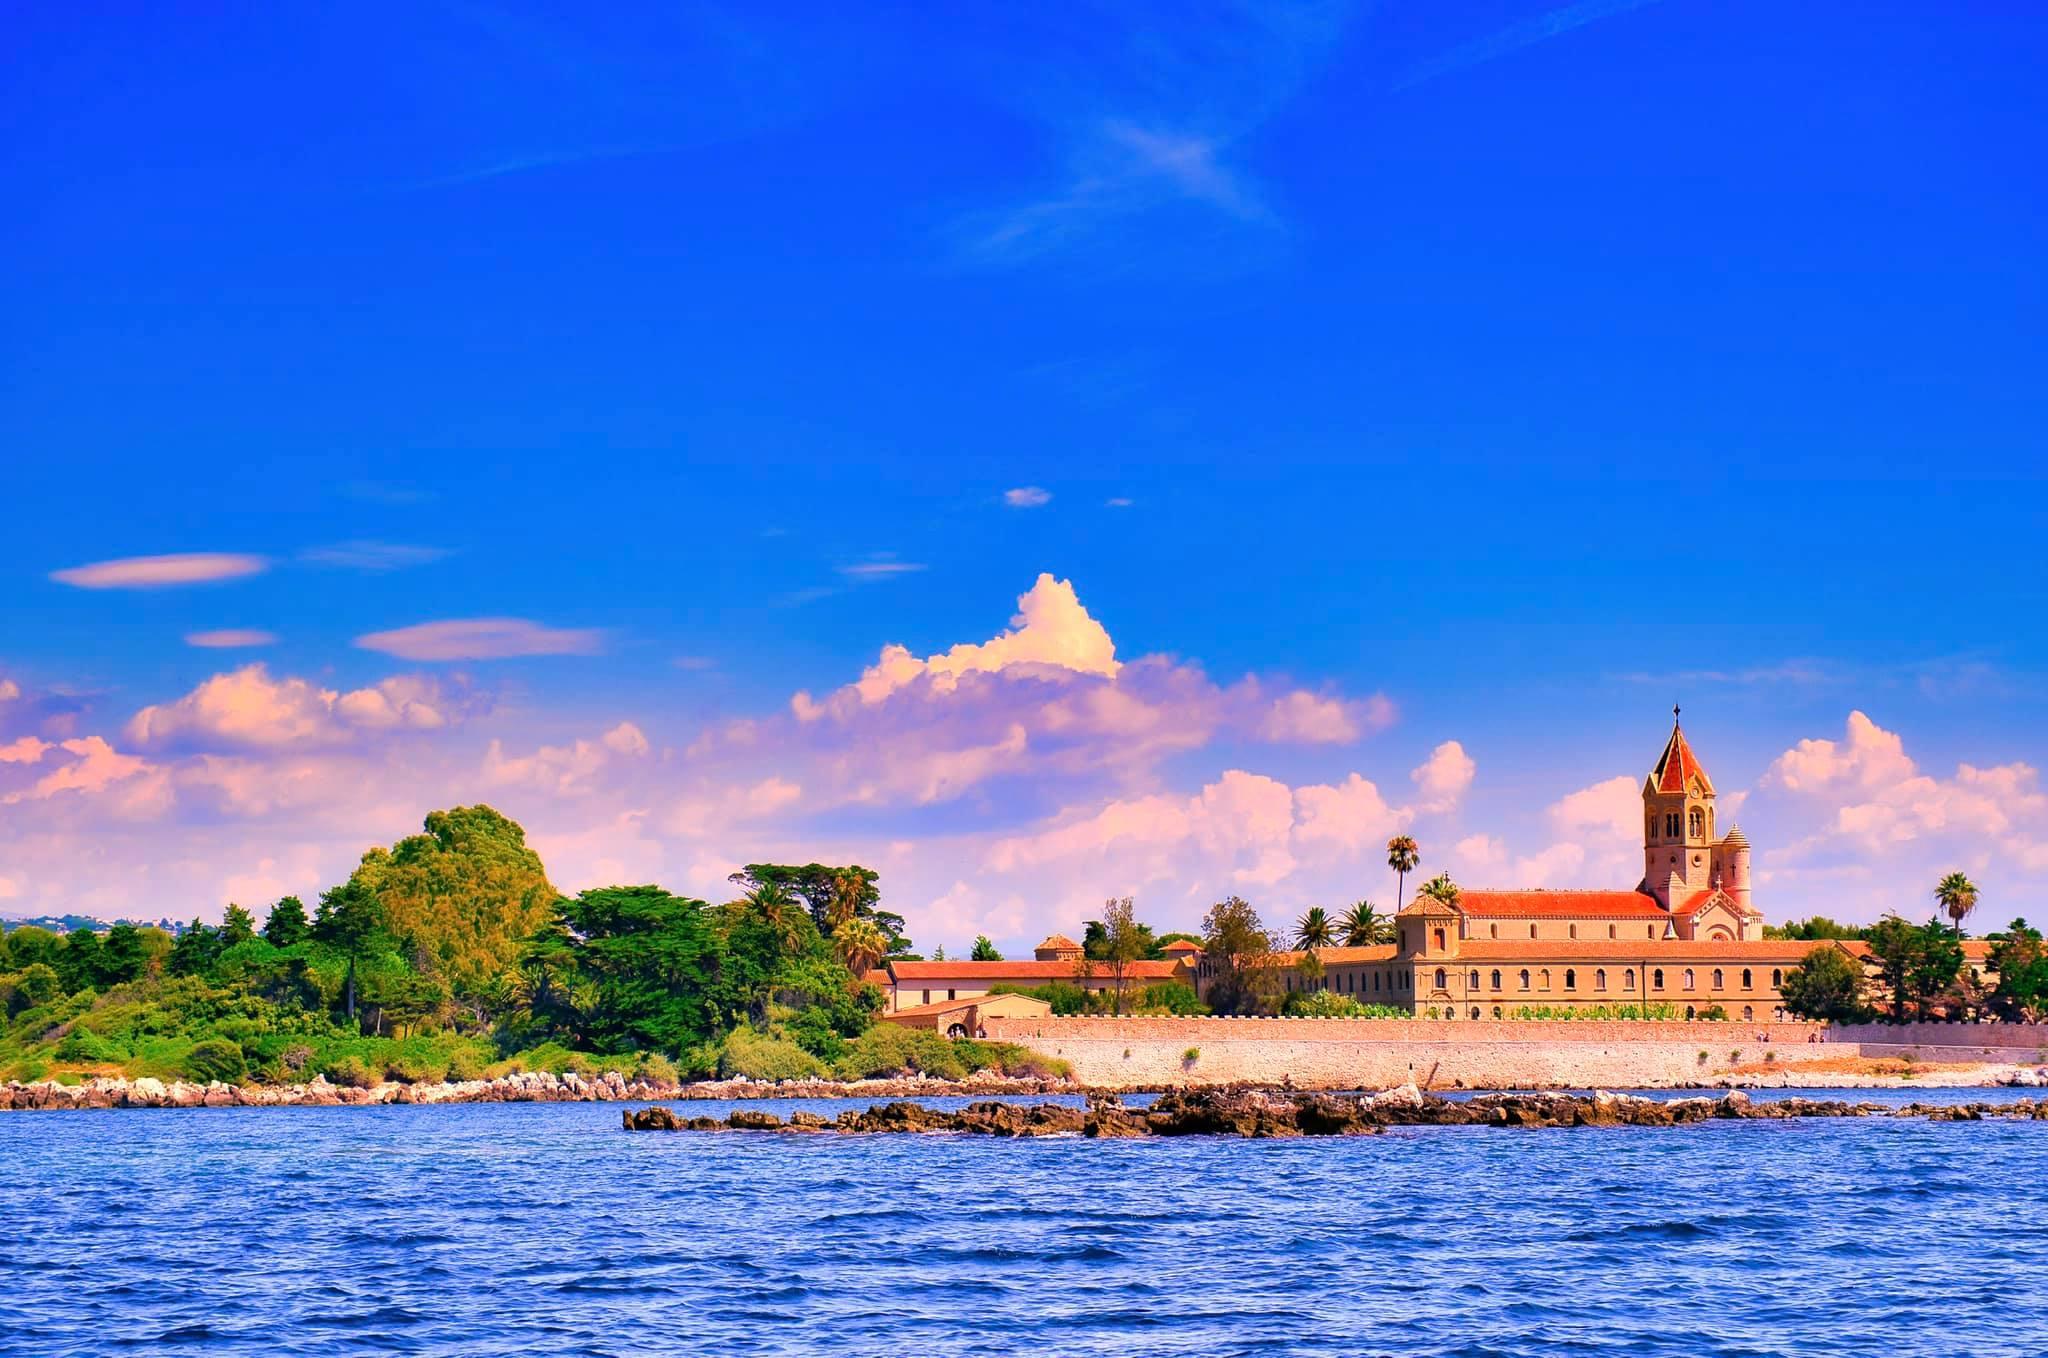 Ile Saint Honorat Cannes - Credit ced_paps_sensorpics